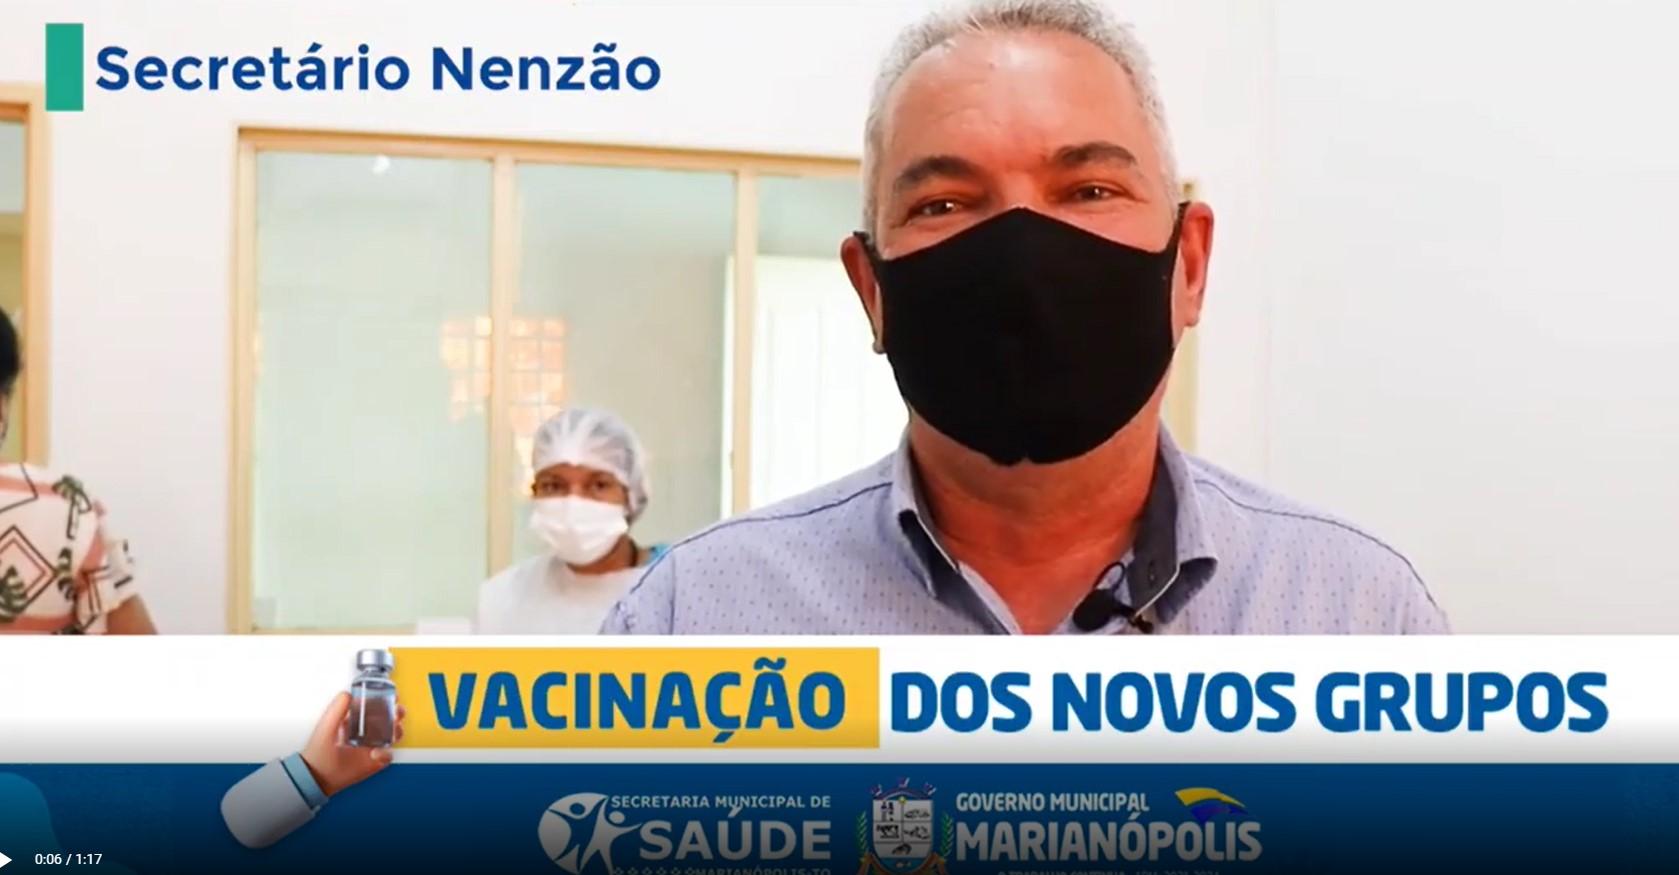 Saúde de Marianópolis amplia vacinação contra a Covid-19 para novos grupos